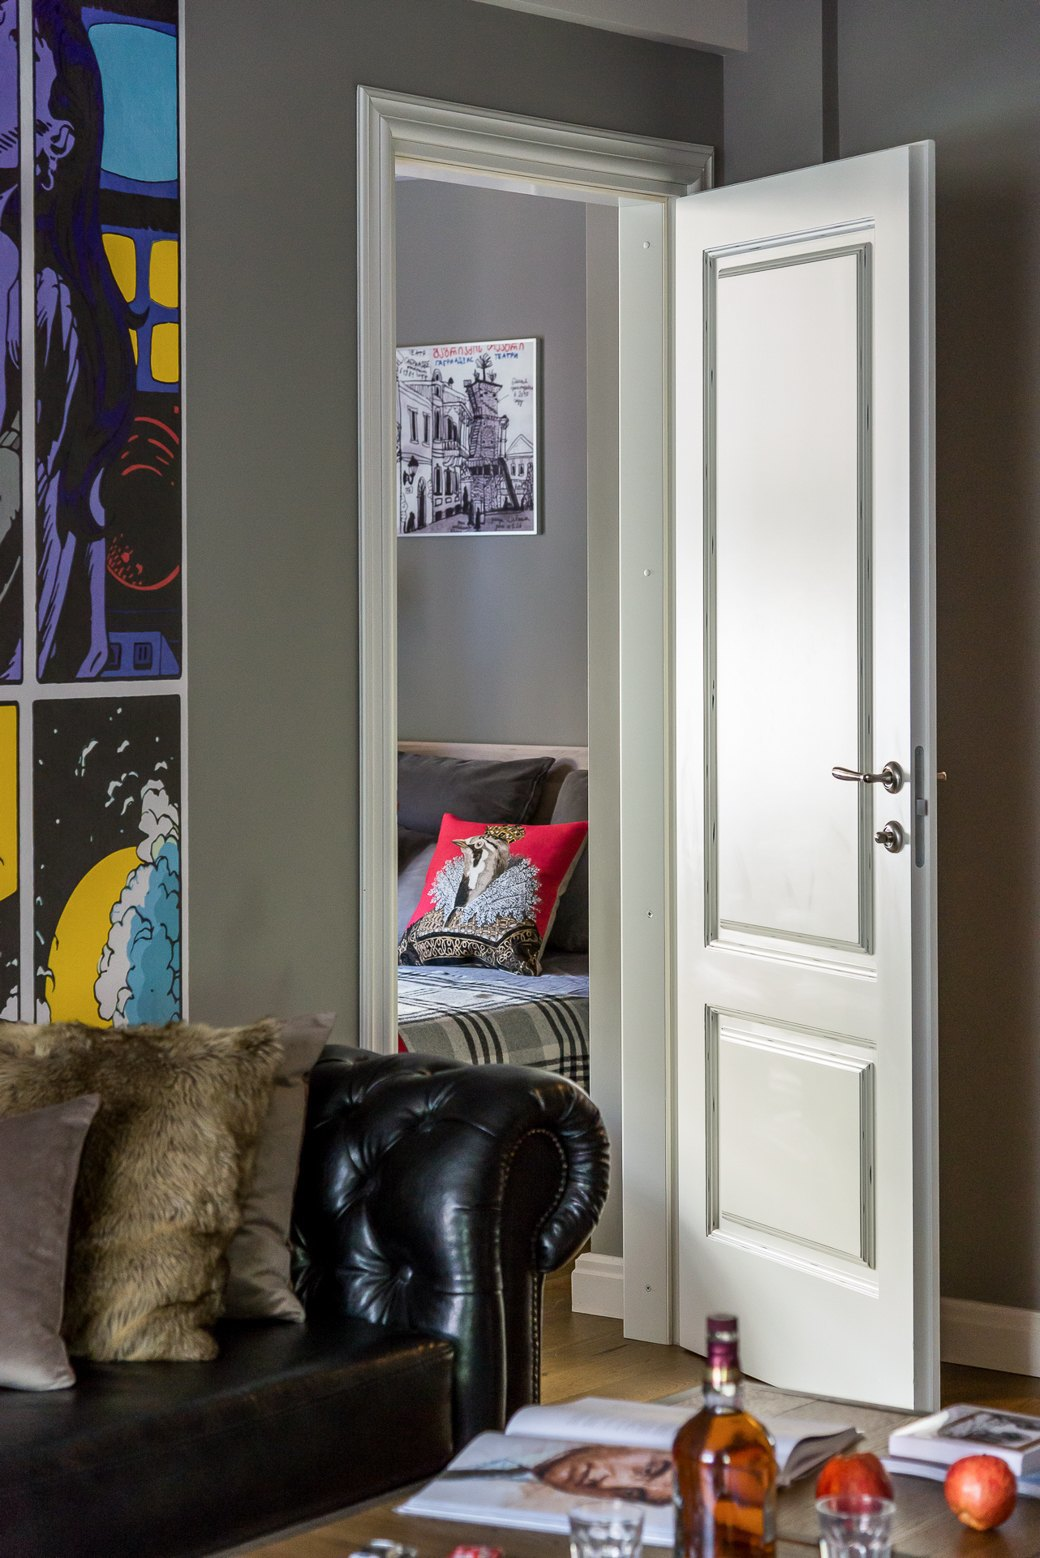 Квартира для молодой семьи скомиксом «Хранители» на стенах. Изображение № 6.